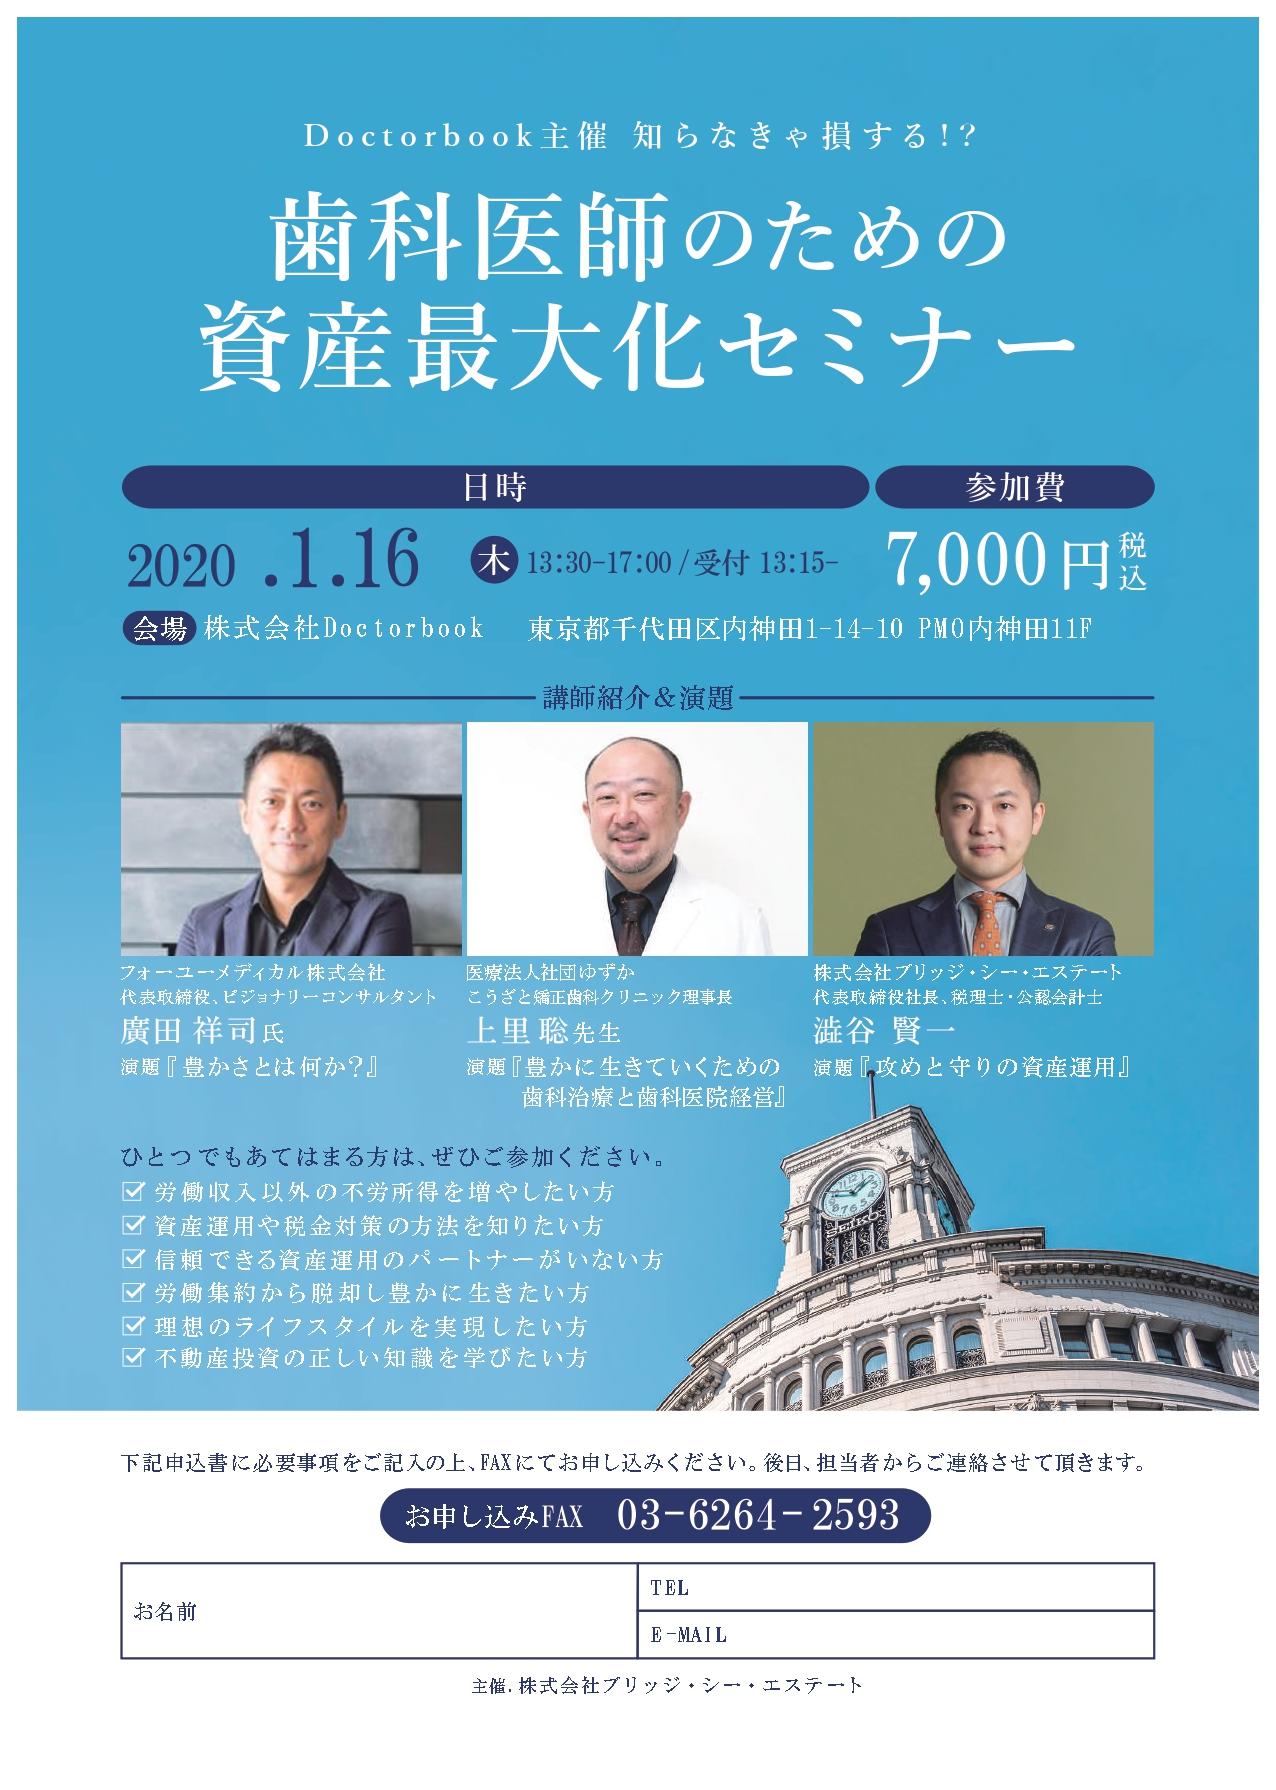 歯科医師のための資産最大化セミナー